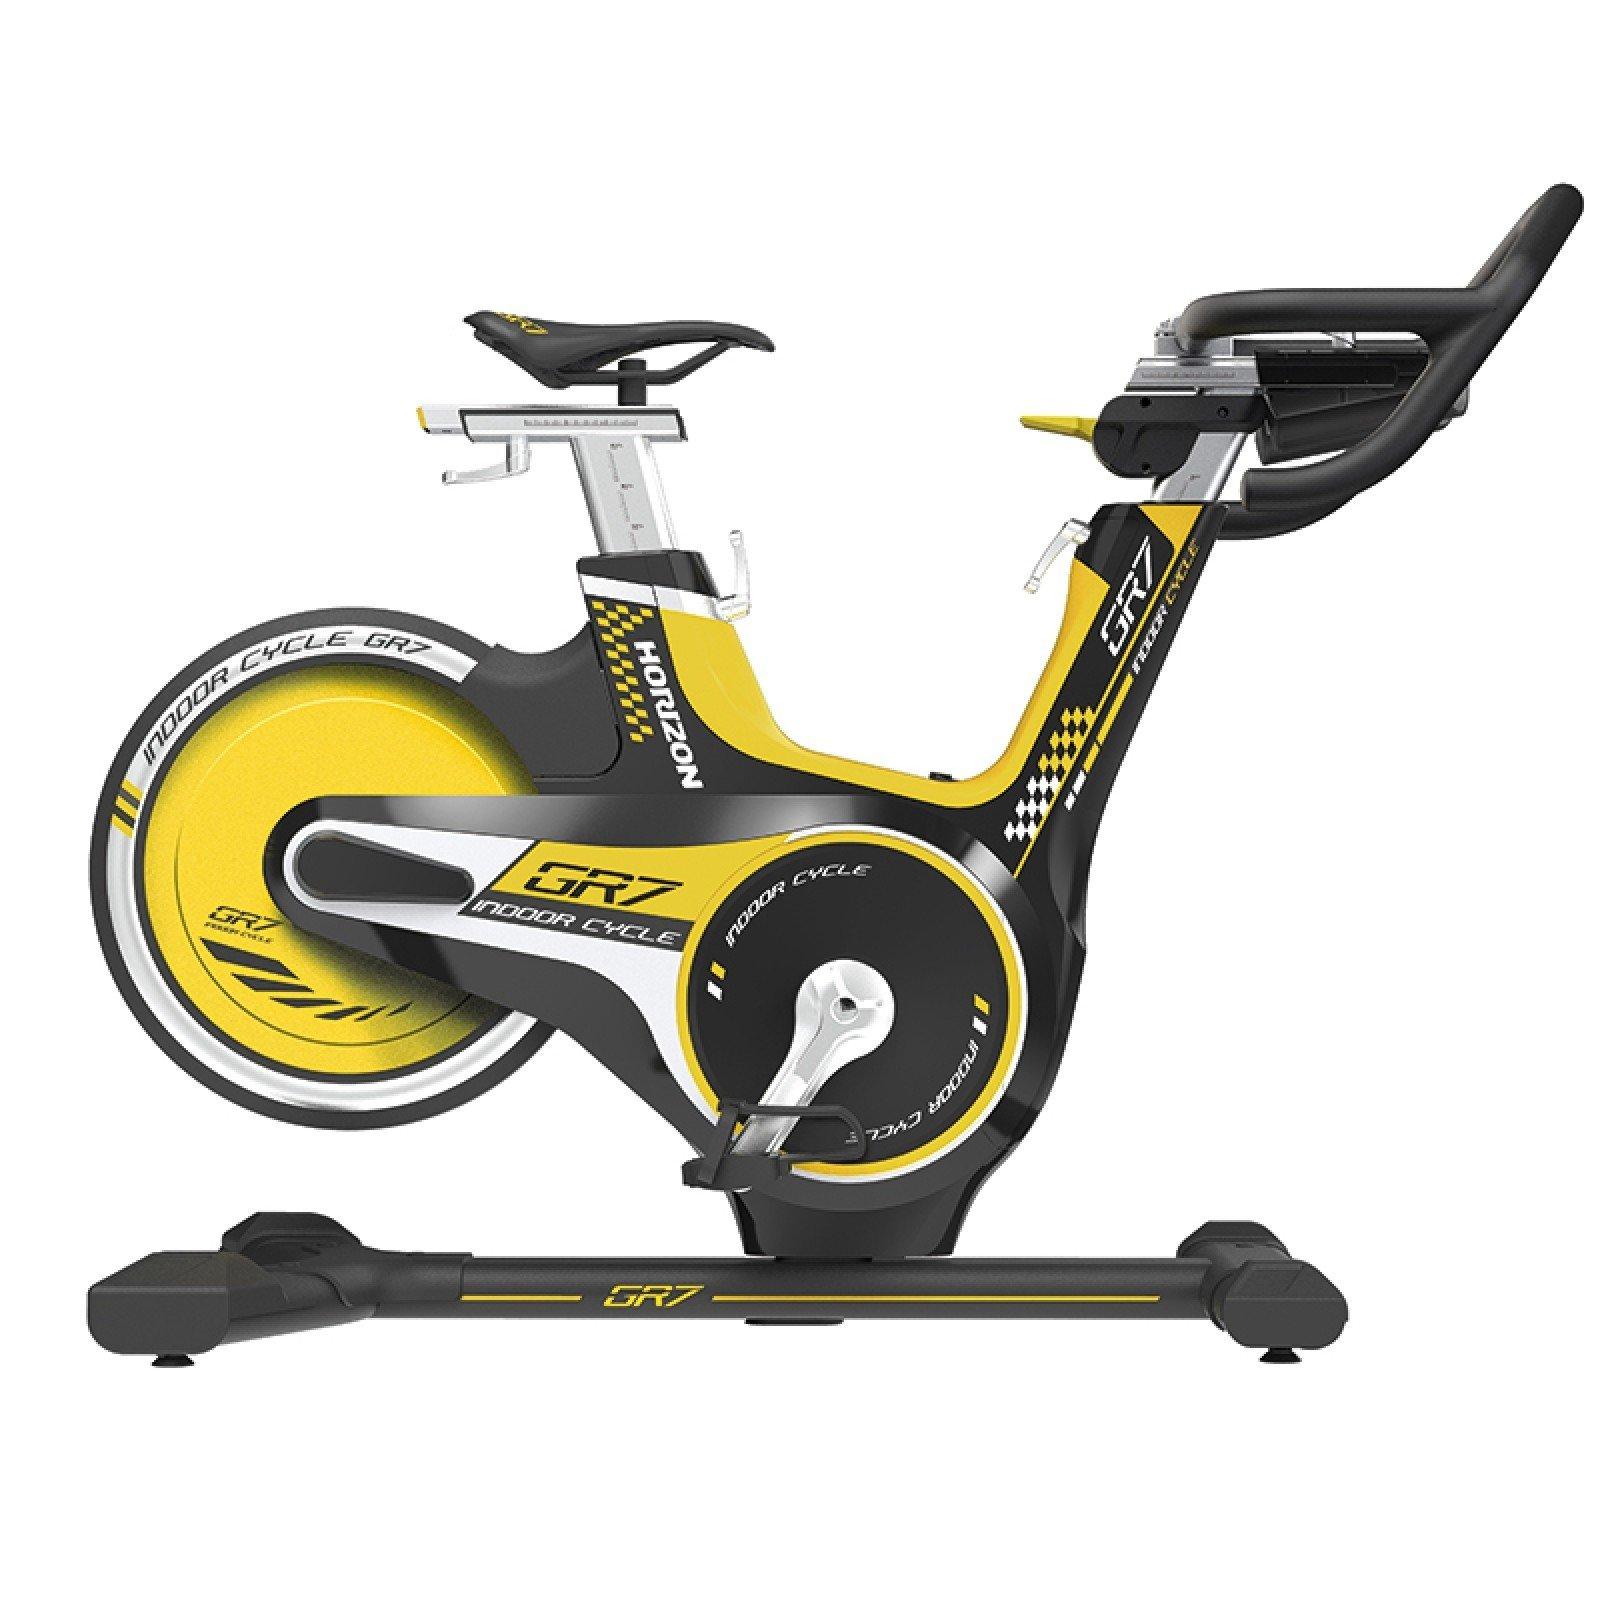 Afbeelding van Horizon GR7 Indoor Cycle